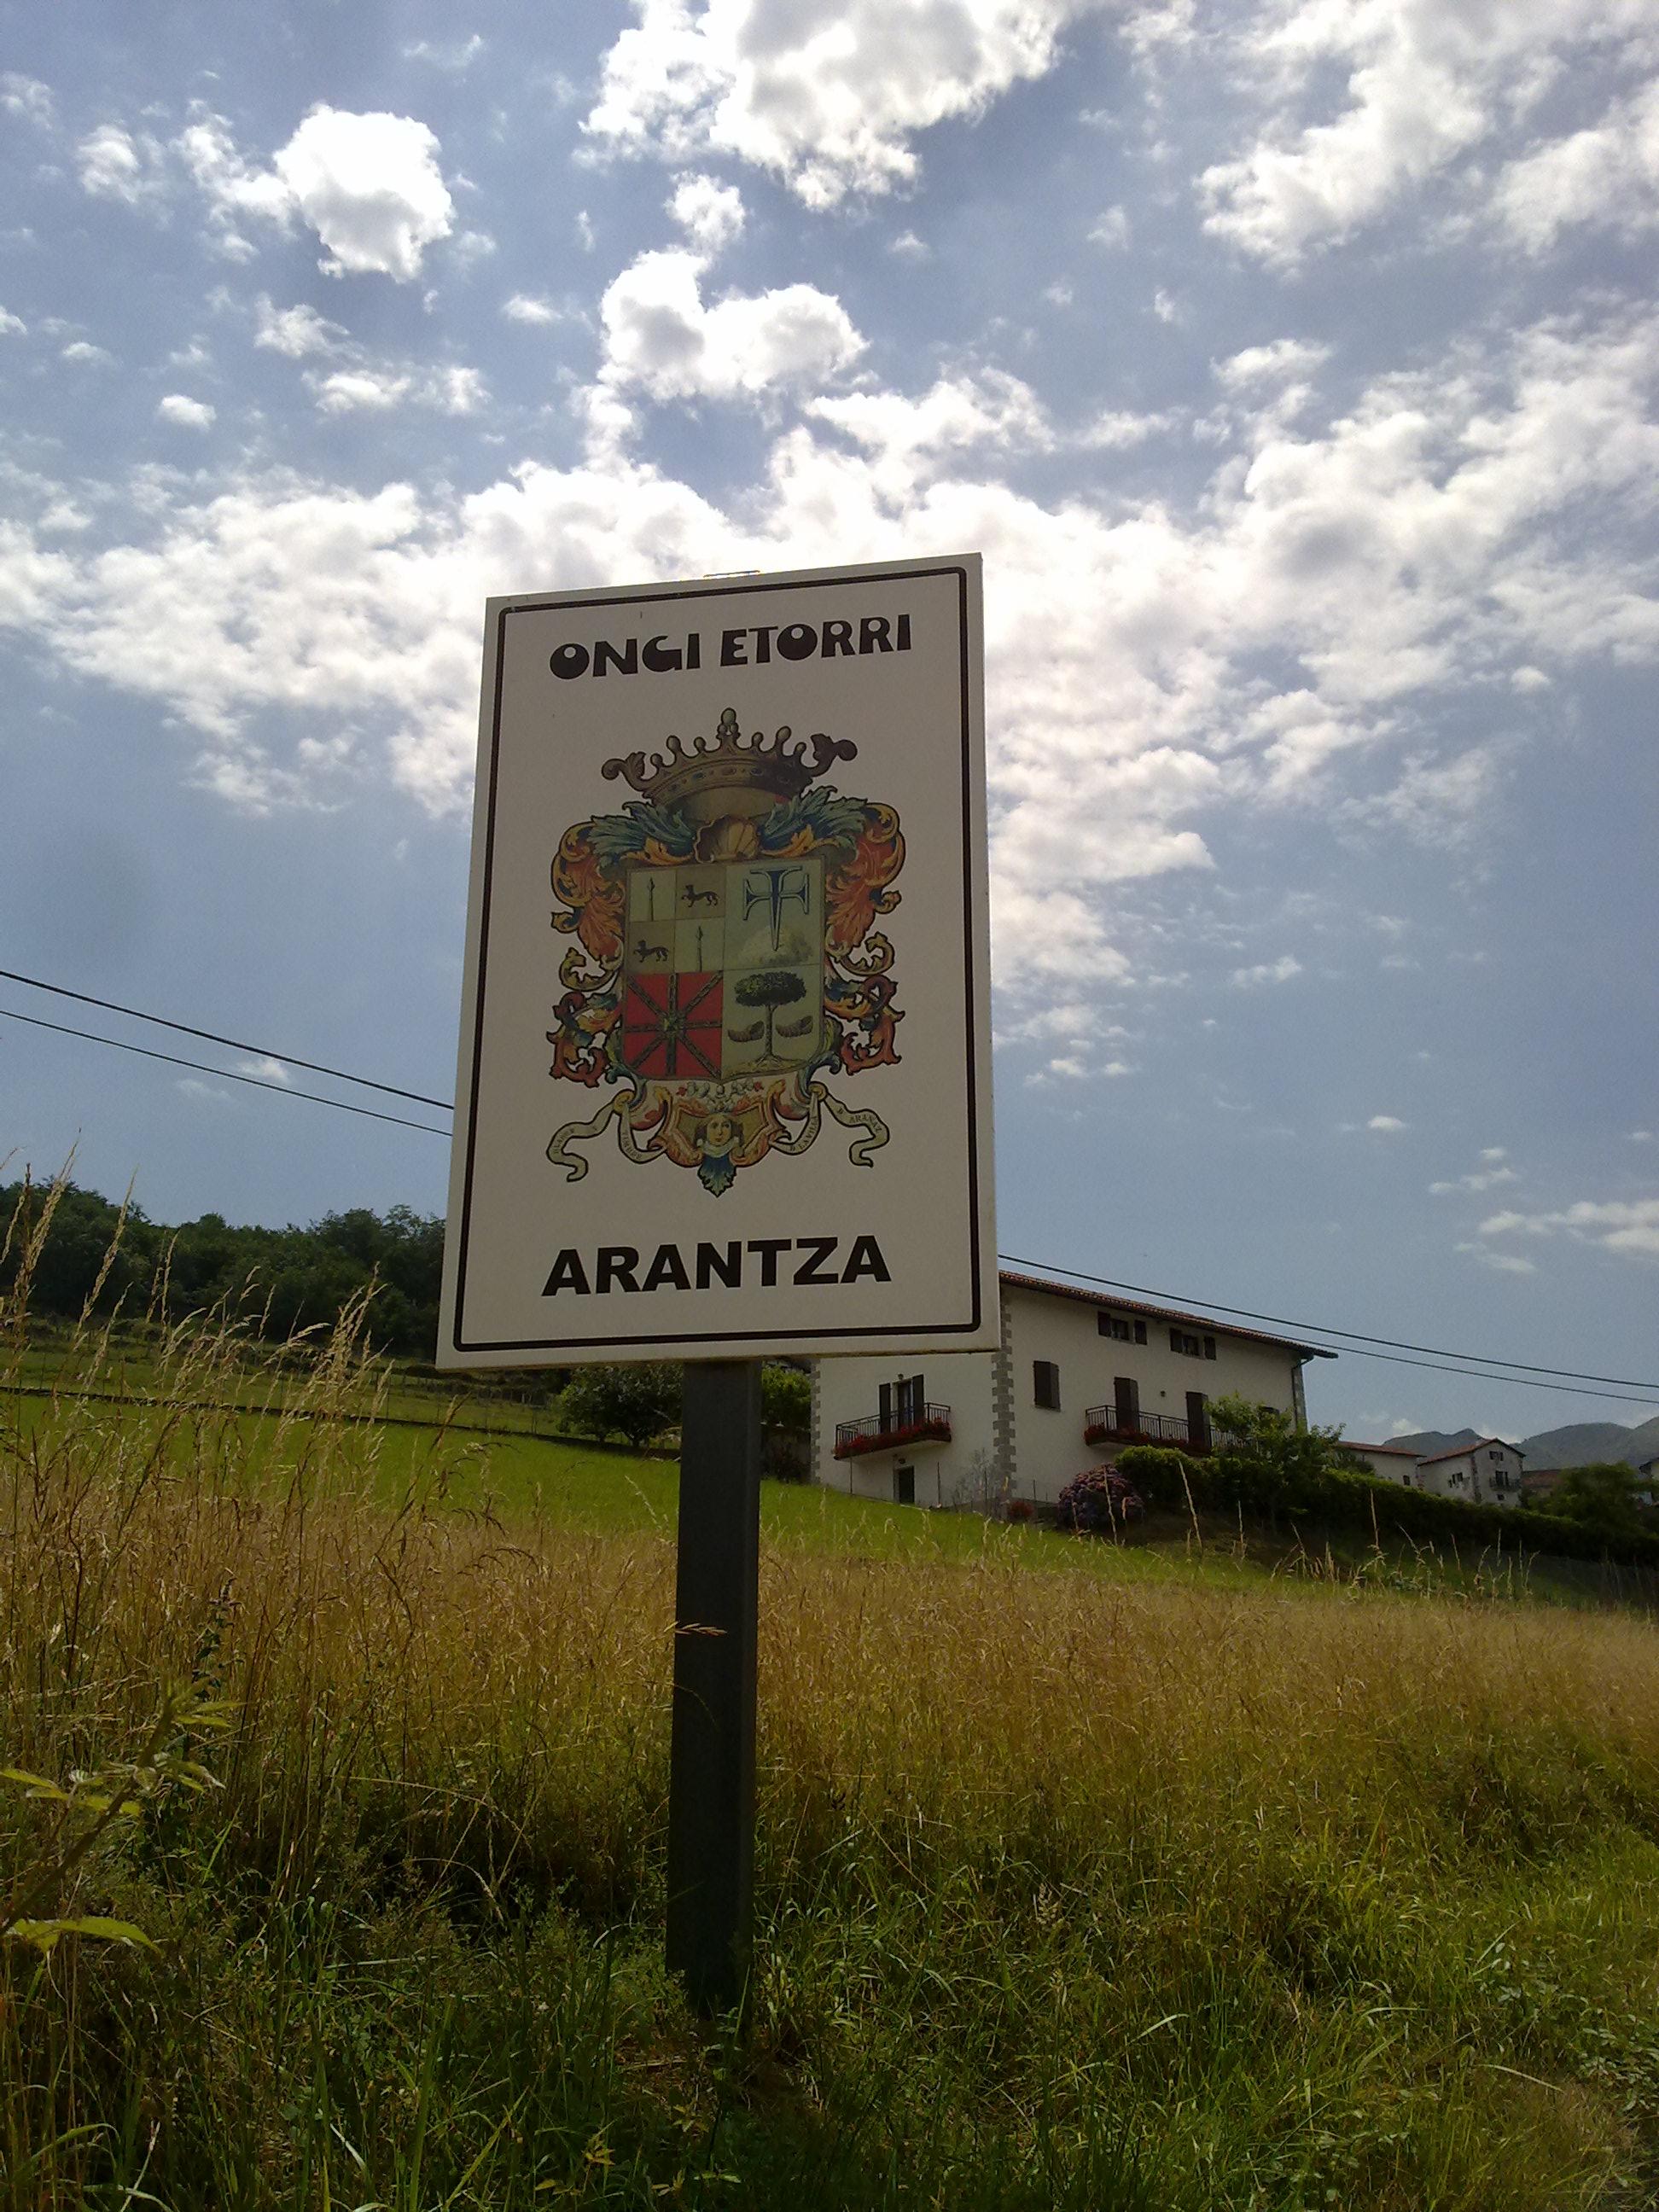 Arantza, Navarra